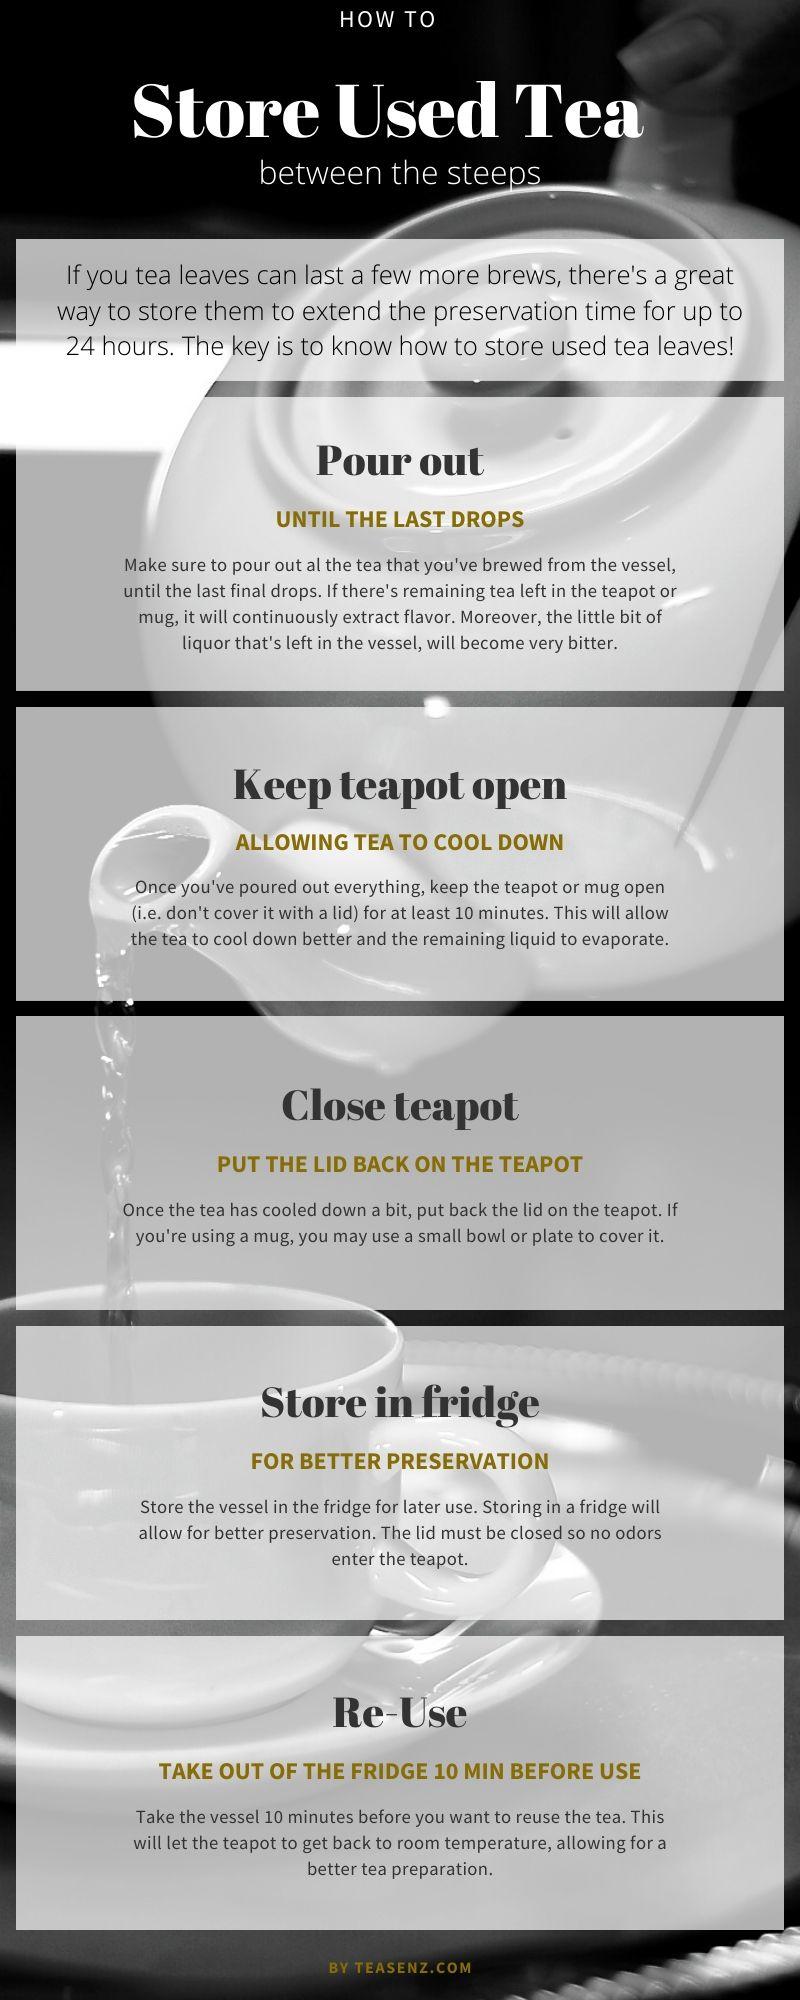 how to store tea leaves between steeps to reuse loose tea